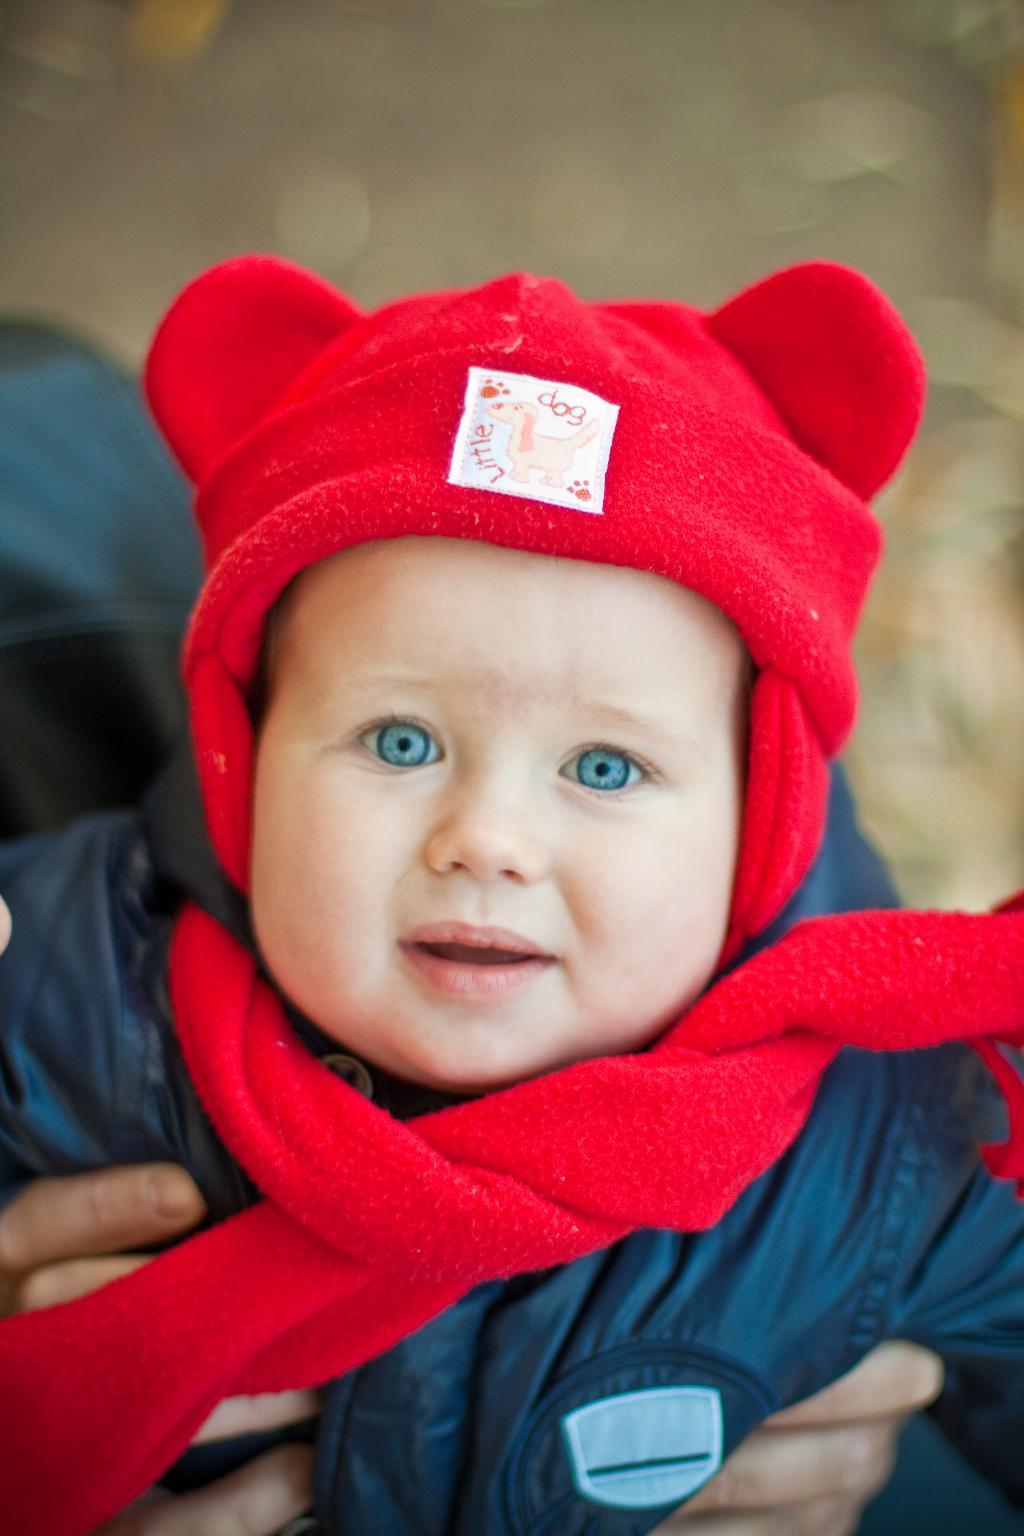 Голубоглазый медвежонок :))). Малыш на обложку